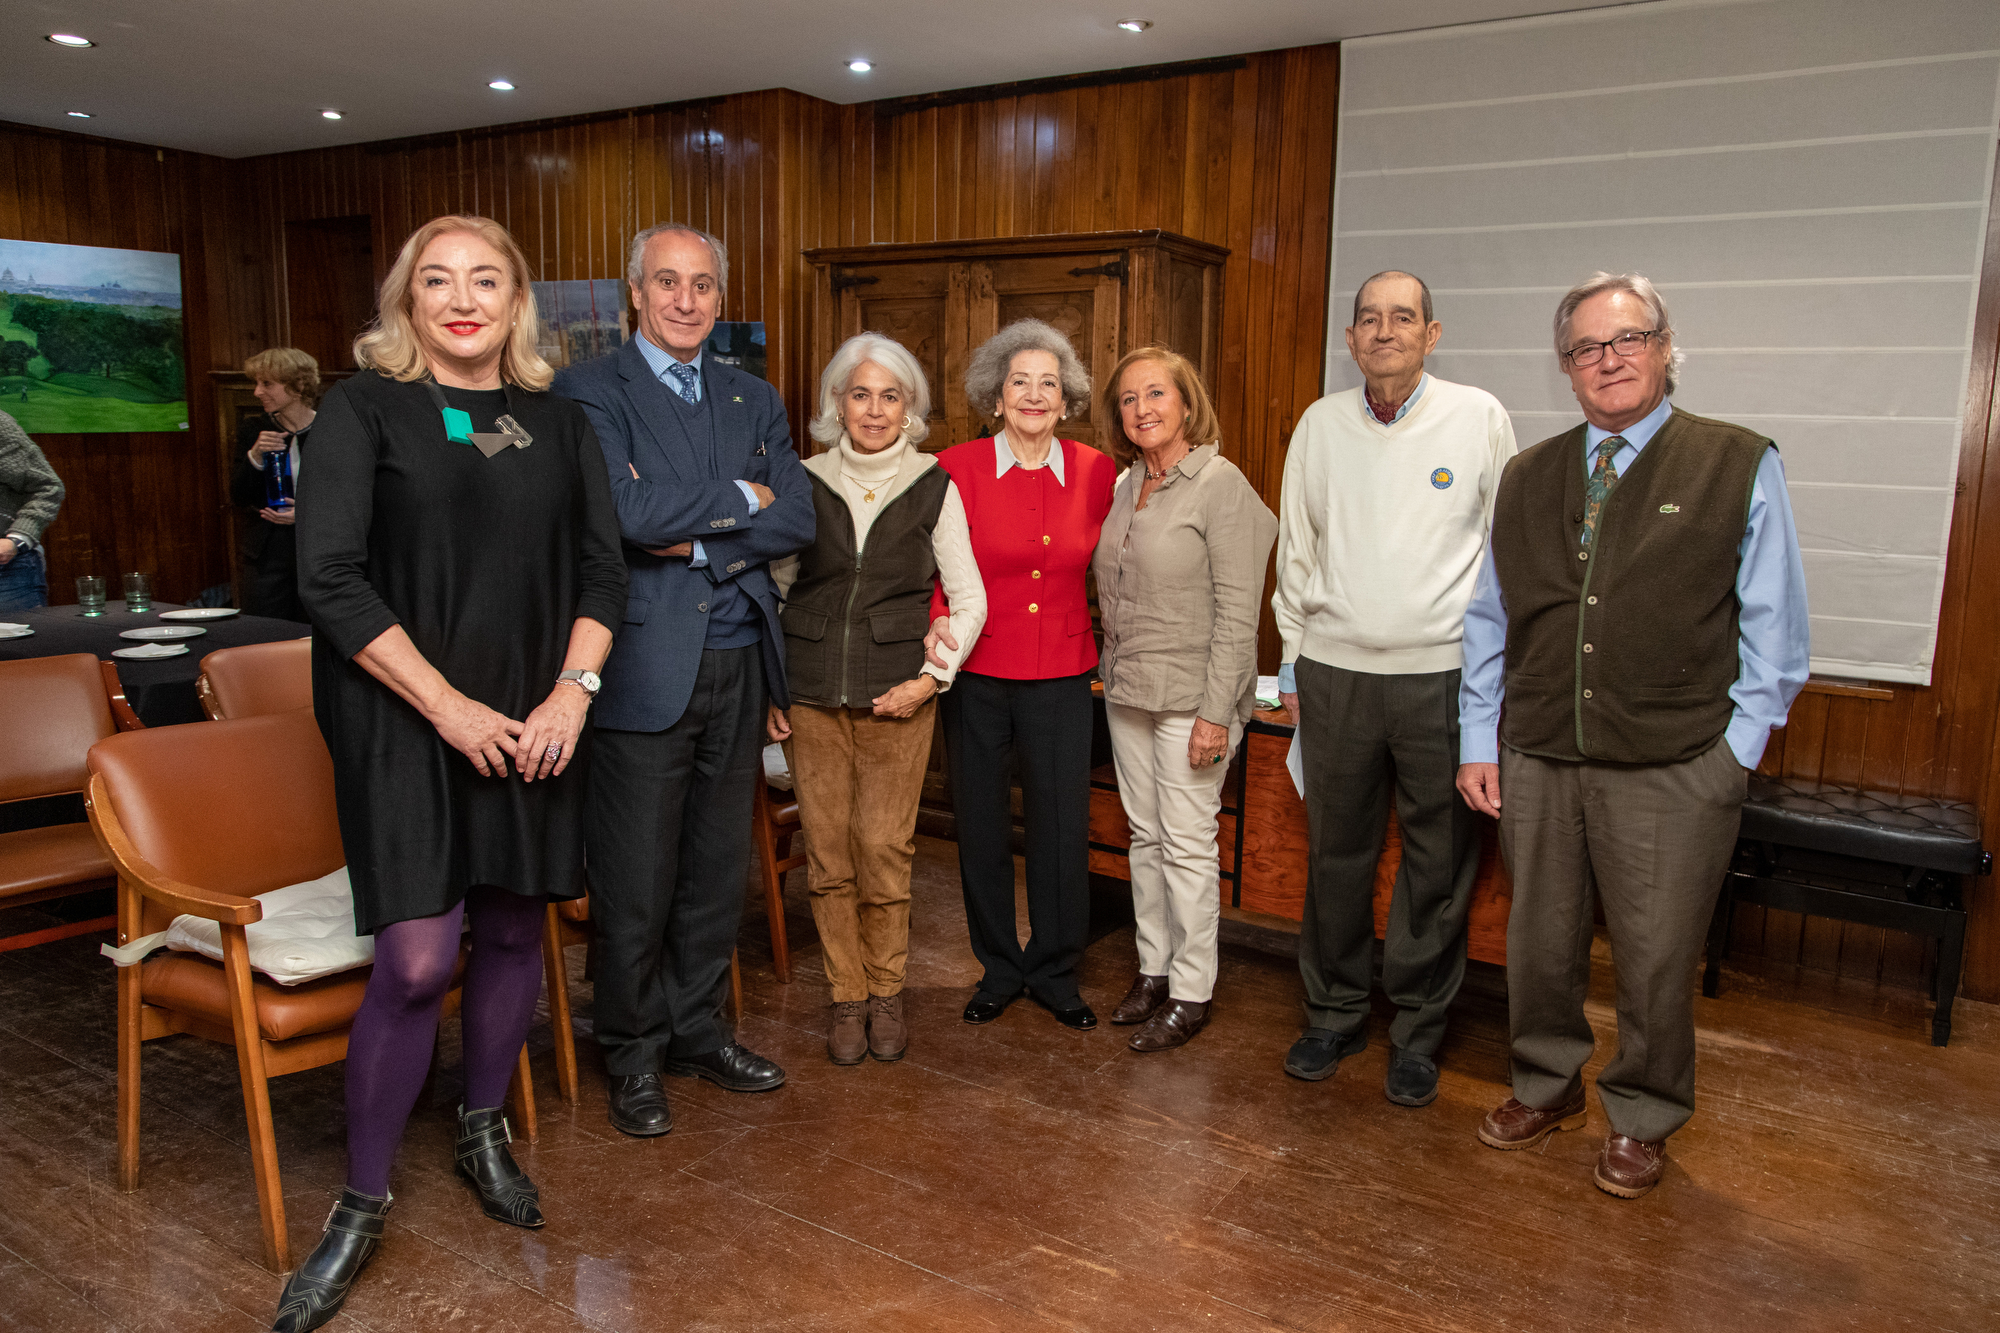 Participantes en el concurso, junto al gerente del Club, Juan Carlos Vera (segundo por la izda.), y la Delegada de Cultura, Rosario Carrillo (en el centro). Foto: Miguel Ros